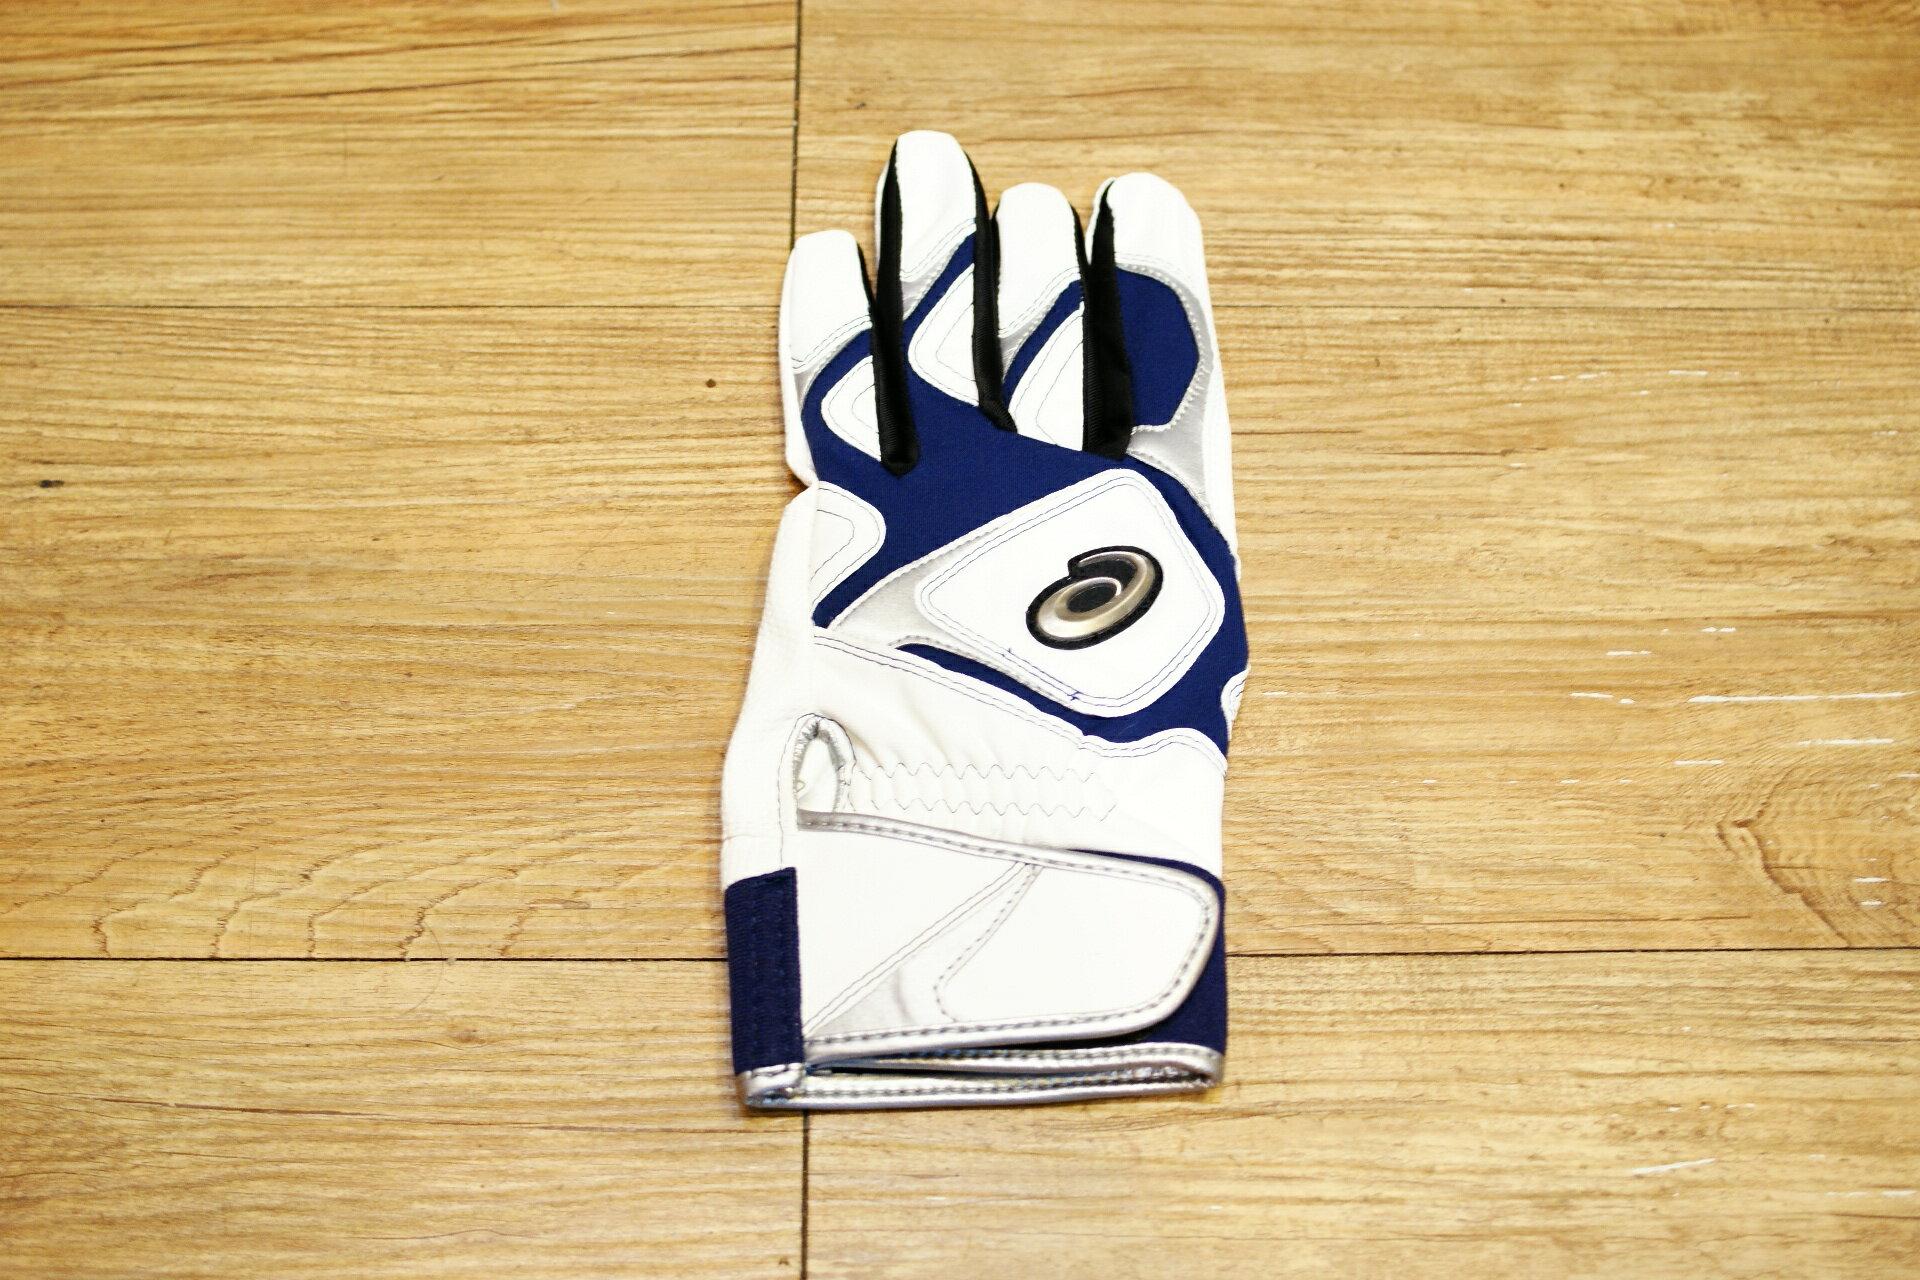 棒球世界 全新asics 亞瑟士可水洗打擊手套一支入 特價 白藍配色